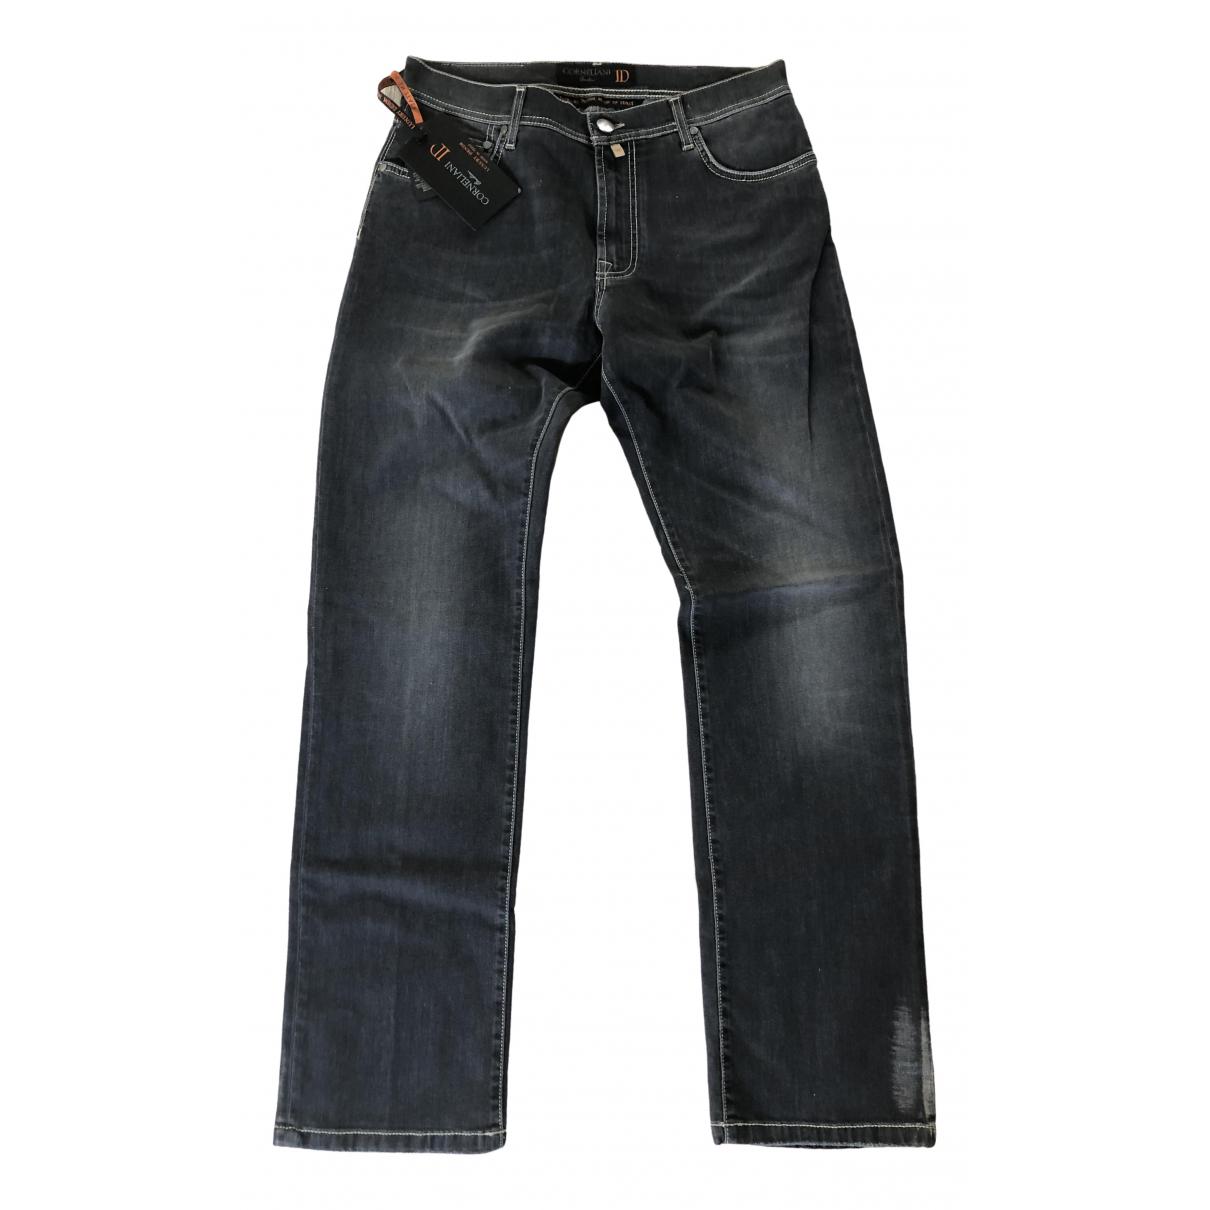 Pantalones en Denim - Vaquero Gris Corneliani